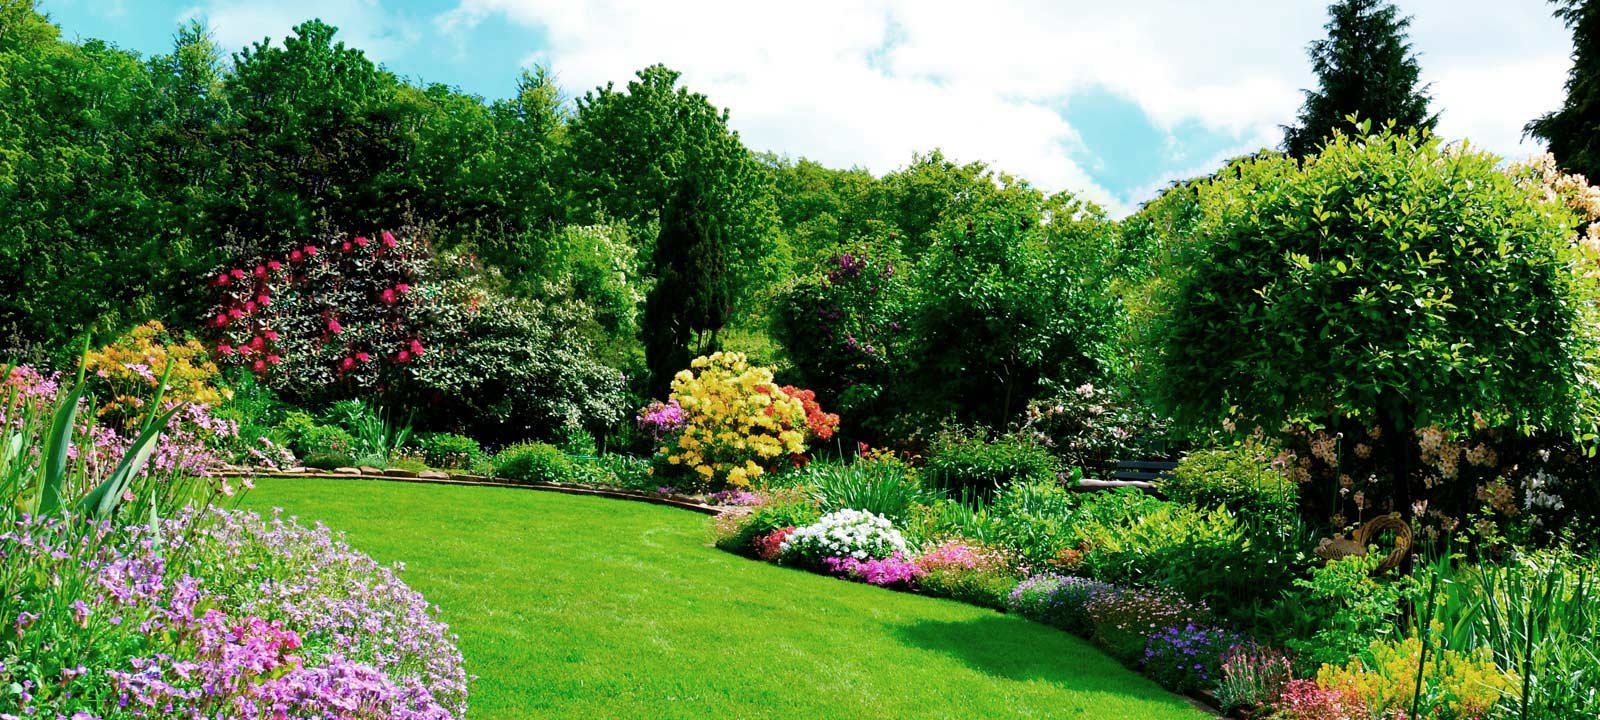 Hecke Zaun Sichtschutz Rgb Gartenbau Gartengestaltung